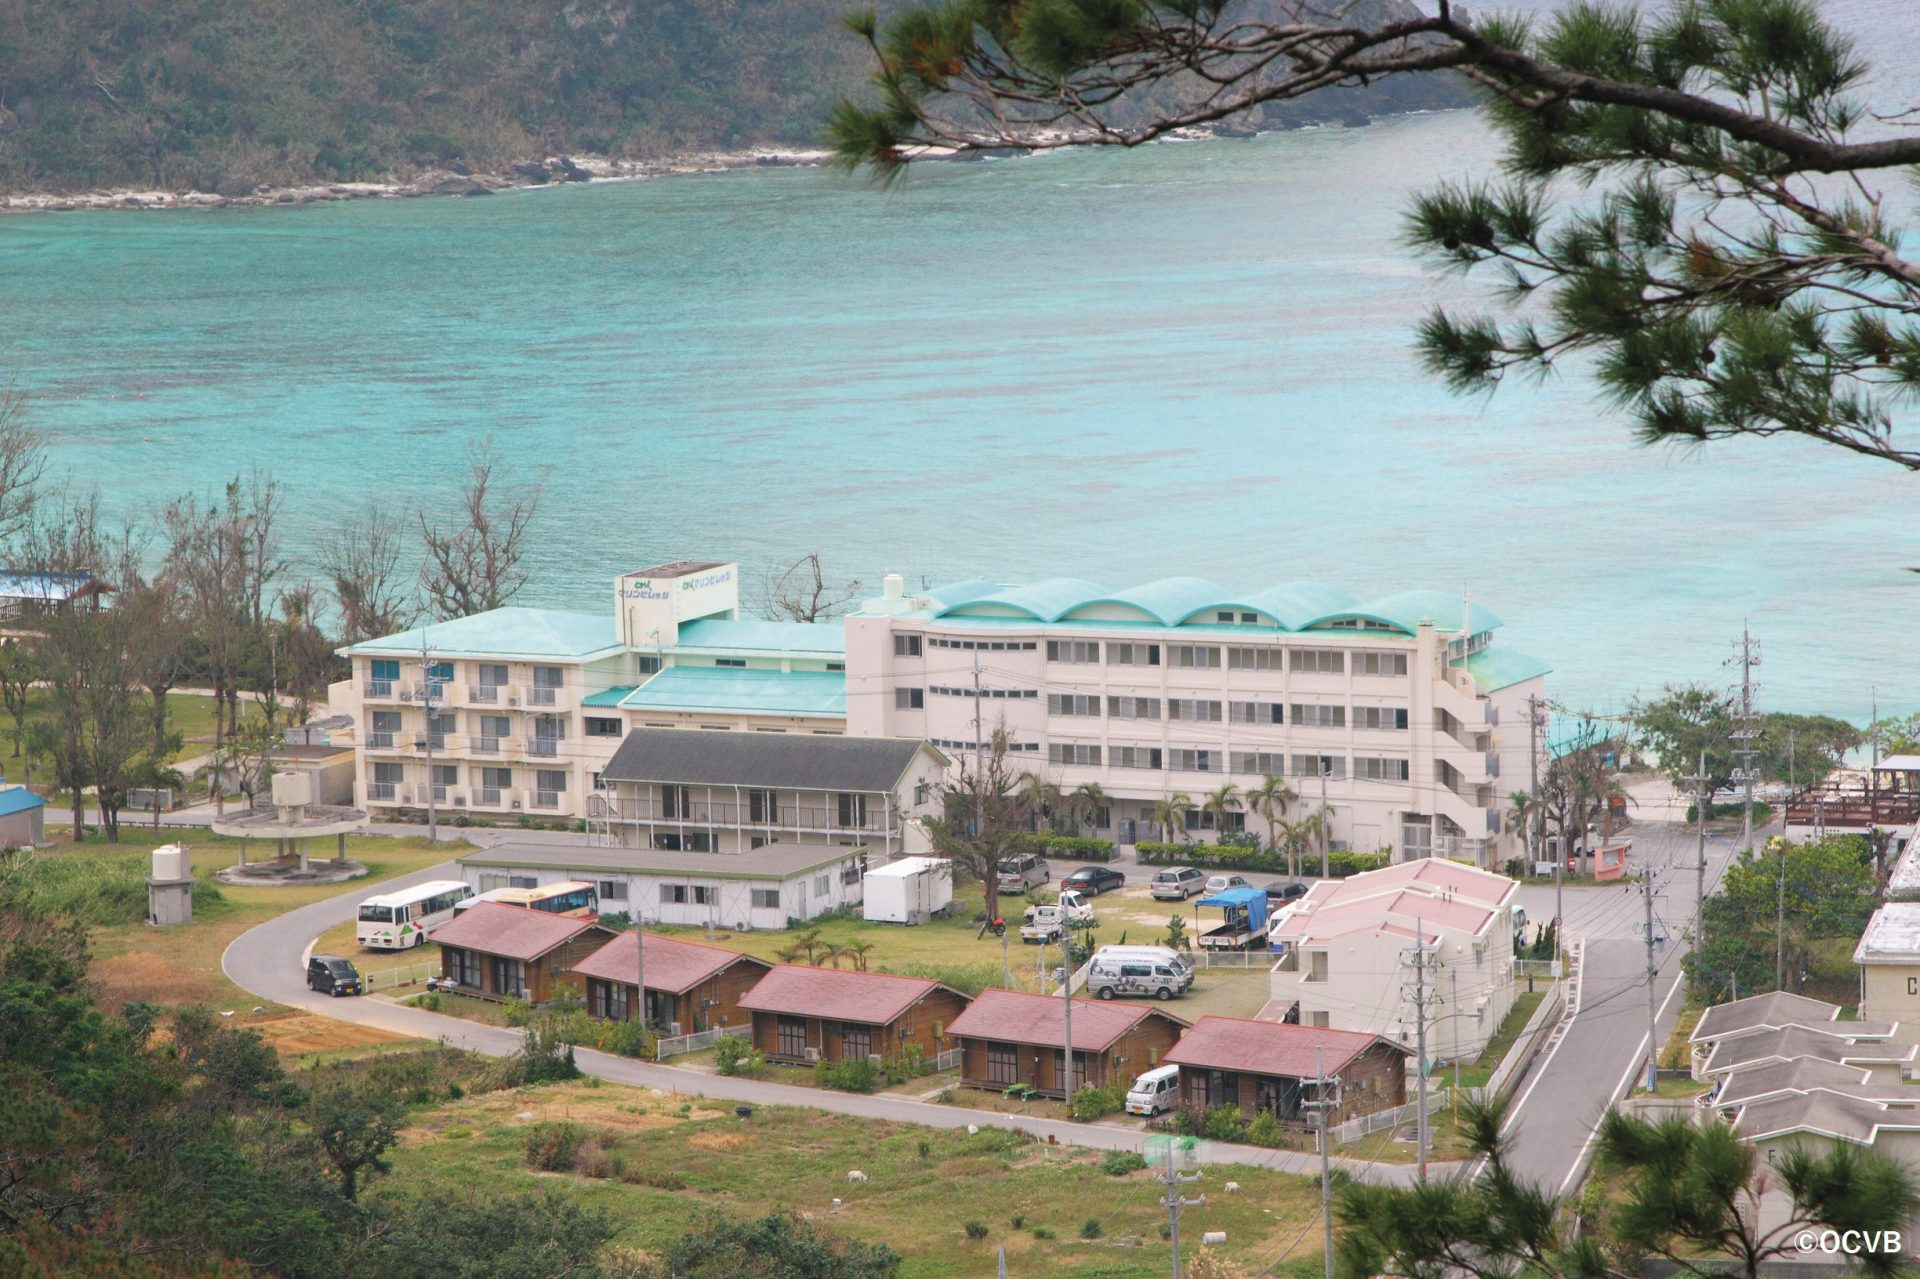 渡嘉敷島 おすすめ ホテル 宿泊 とかしくマリンビレッジ